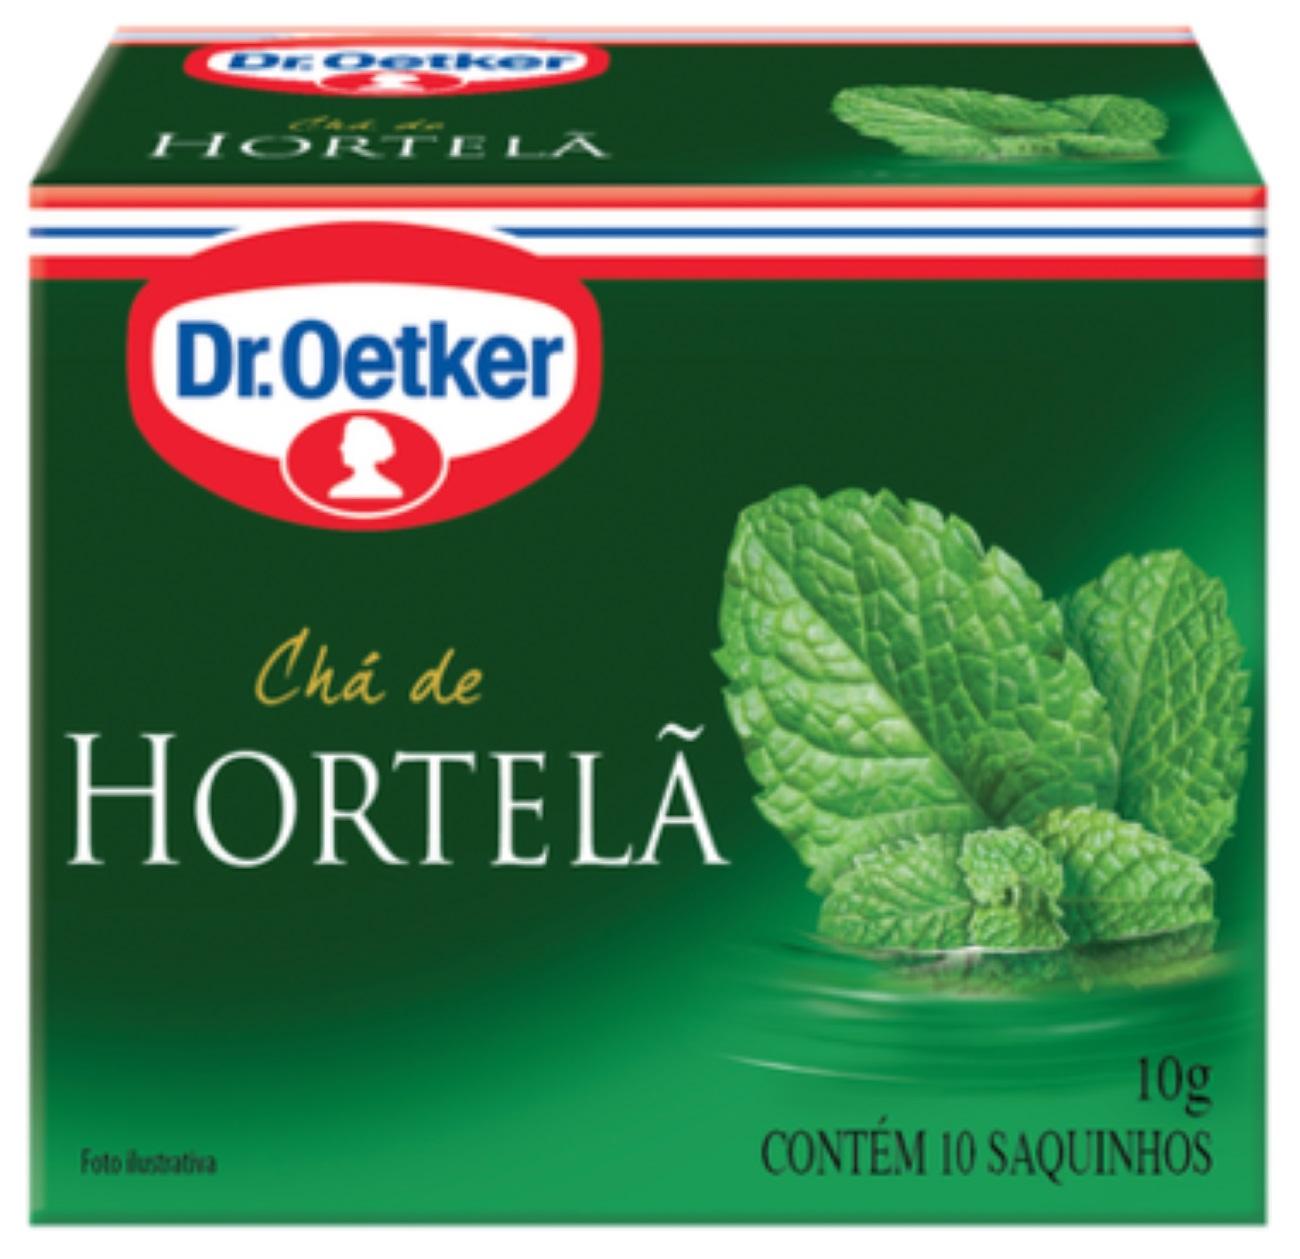 CHÁ DE HORTELÃ DR. OETKER KIT COM 04 CAIXAS